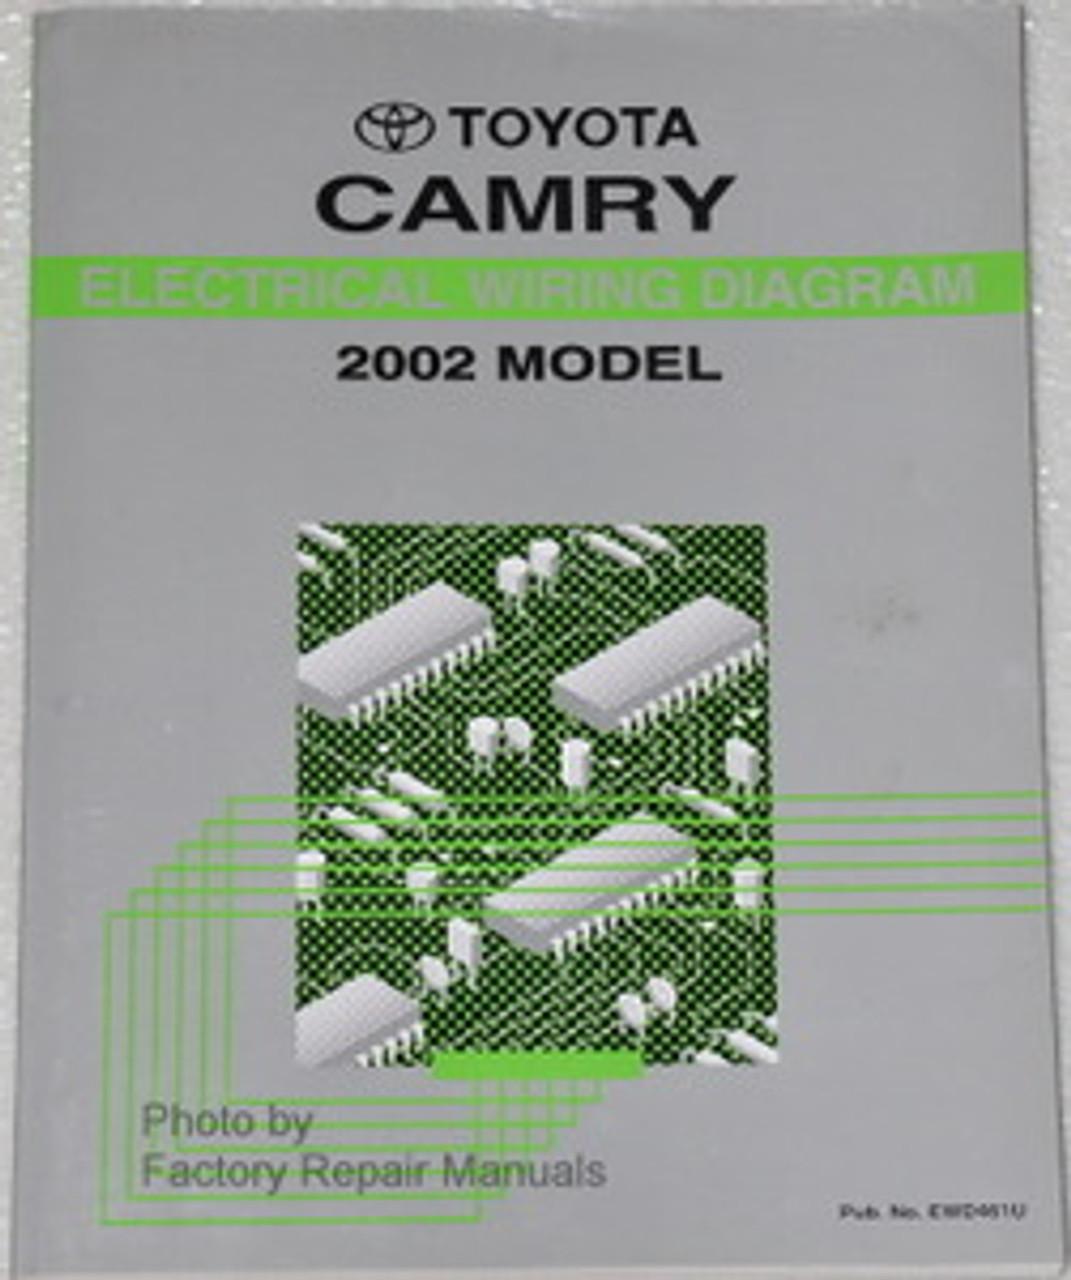 2002 Toyota Camry Electrical Wiring Diagrams Original Factory Manual Factory Repair Manuals